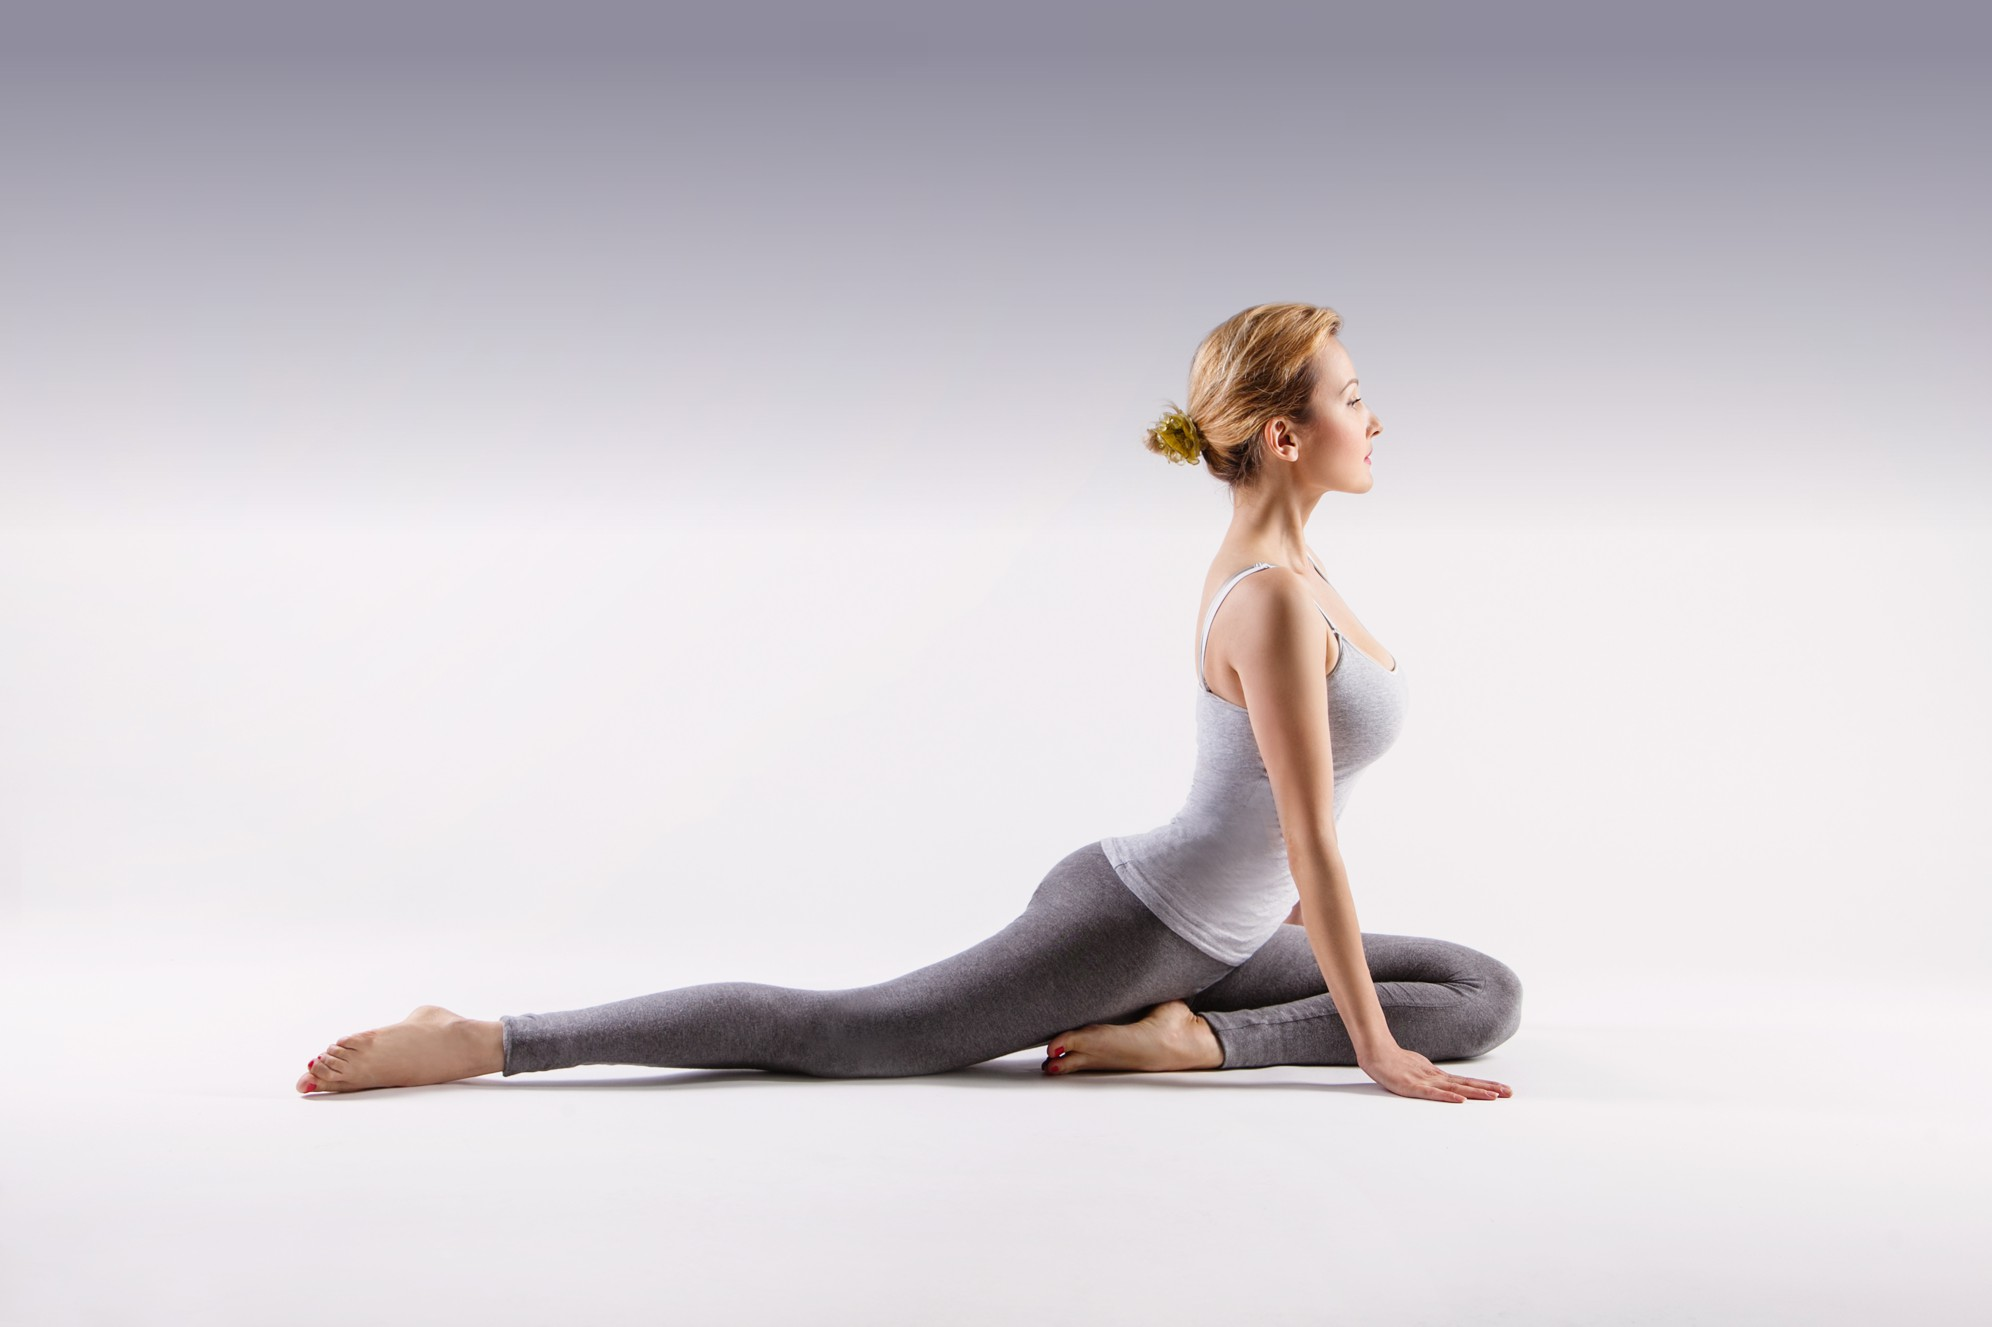 cours yoga magny en vexin